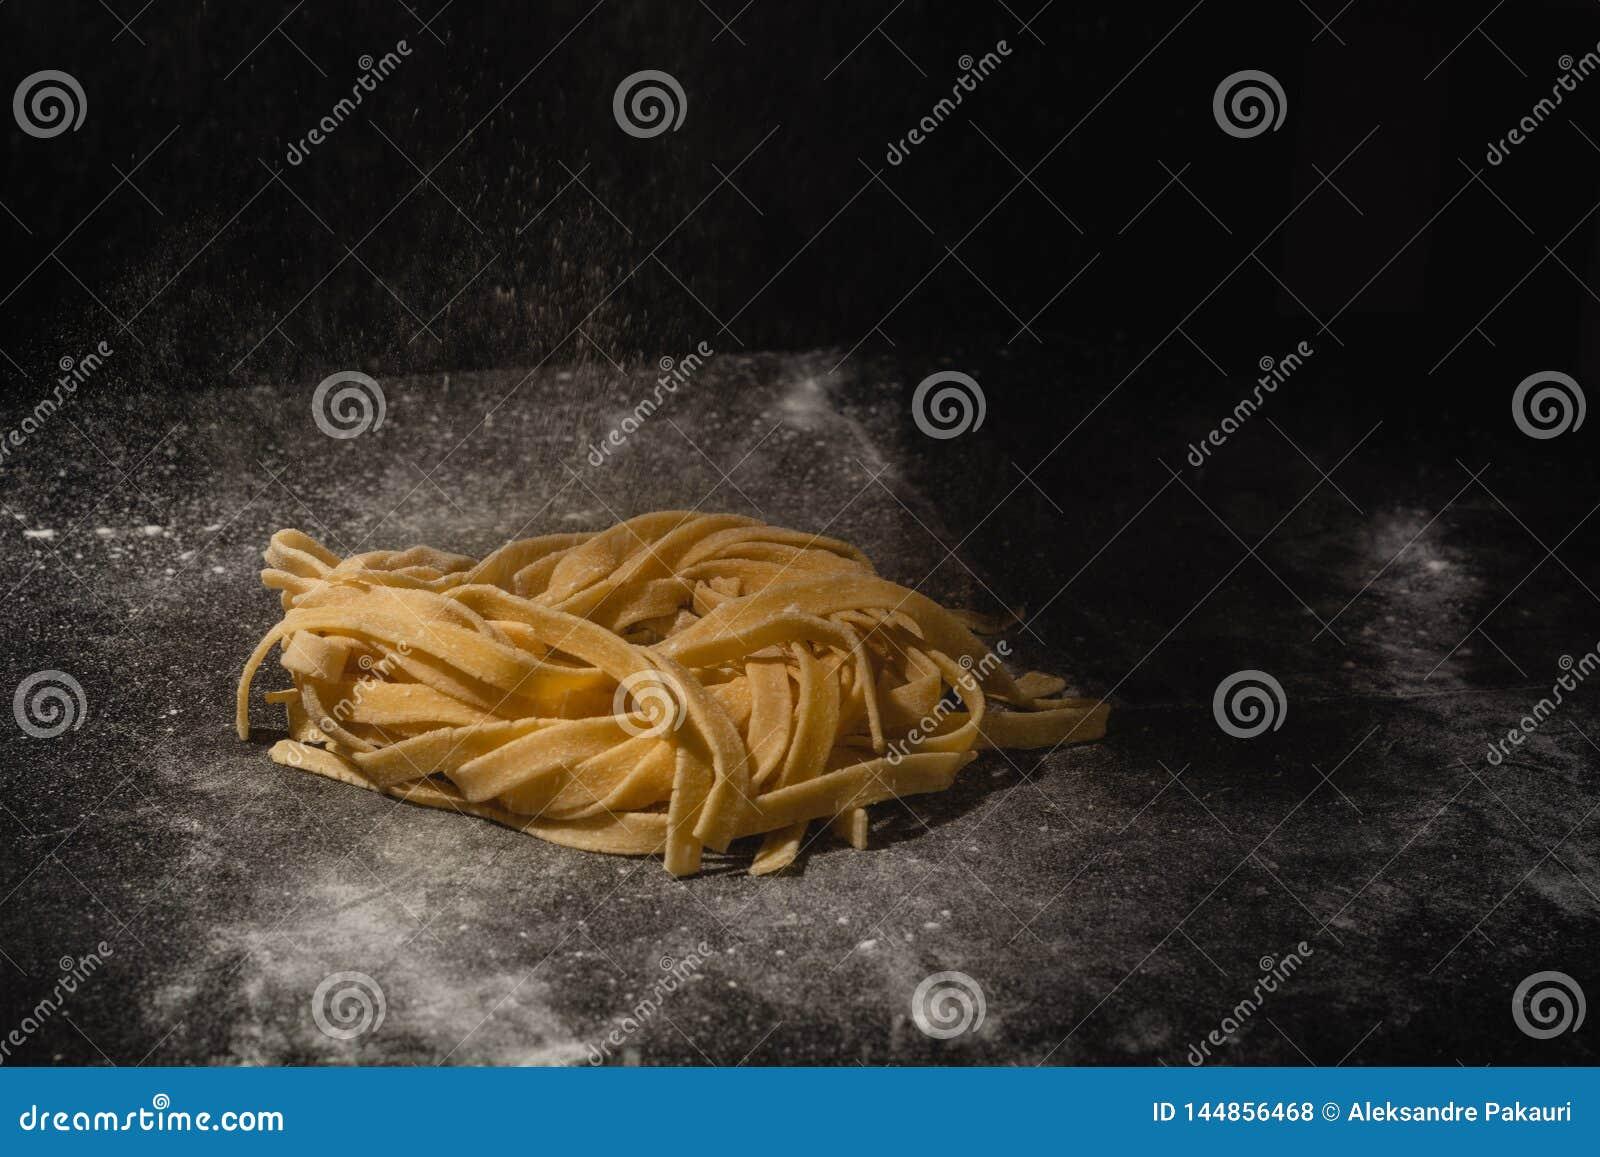 P?tes faites maison crues italiennes fra?ches Mains faisant des p?tes spaghetti Spaghetti italiens frais Plan rapproch? du proces